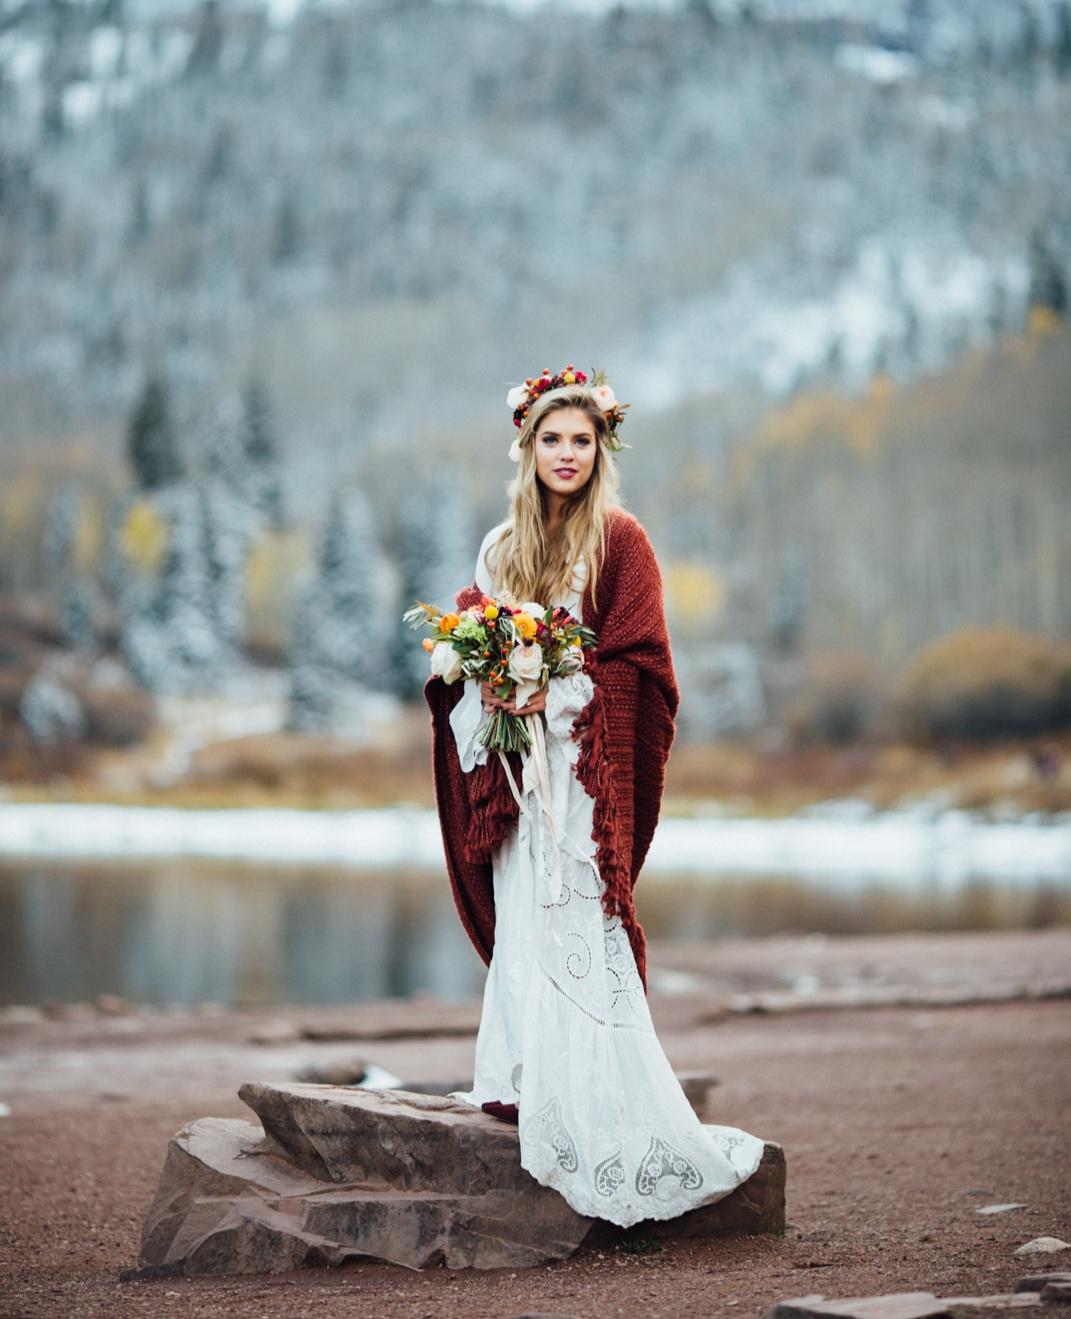 Boho Bride at Aspen Destination Wedding | Cat Mayer Studio